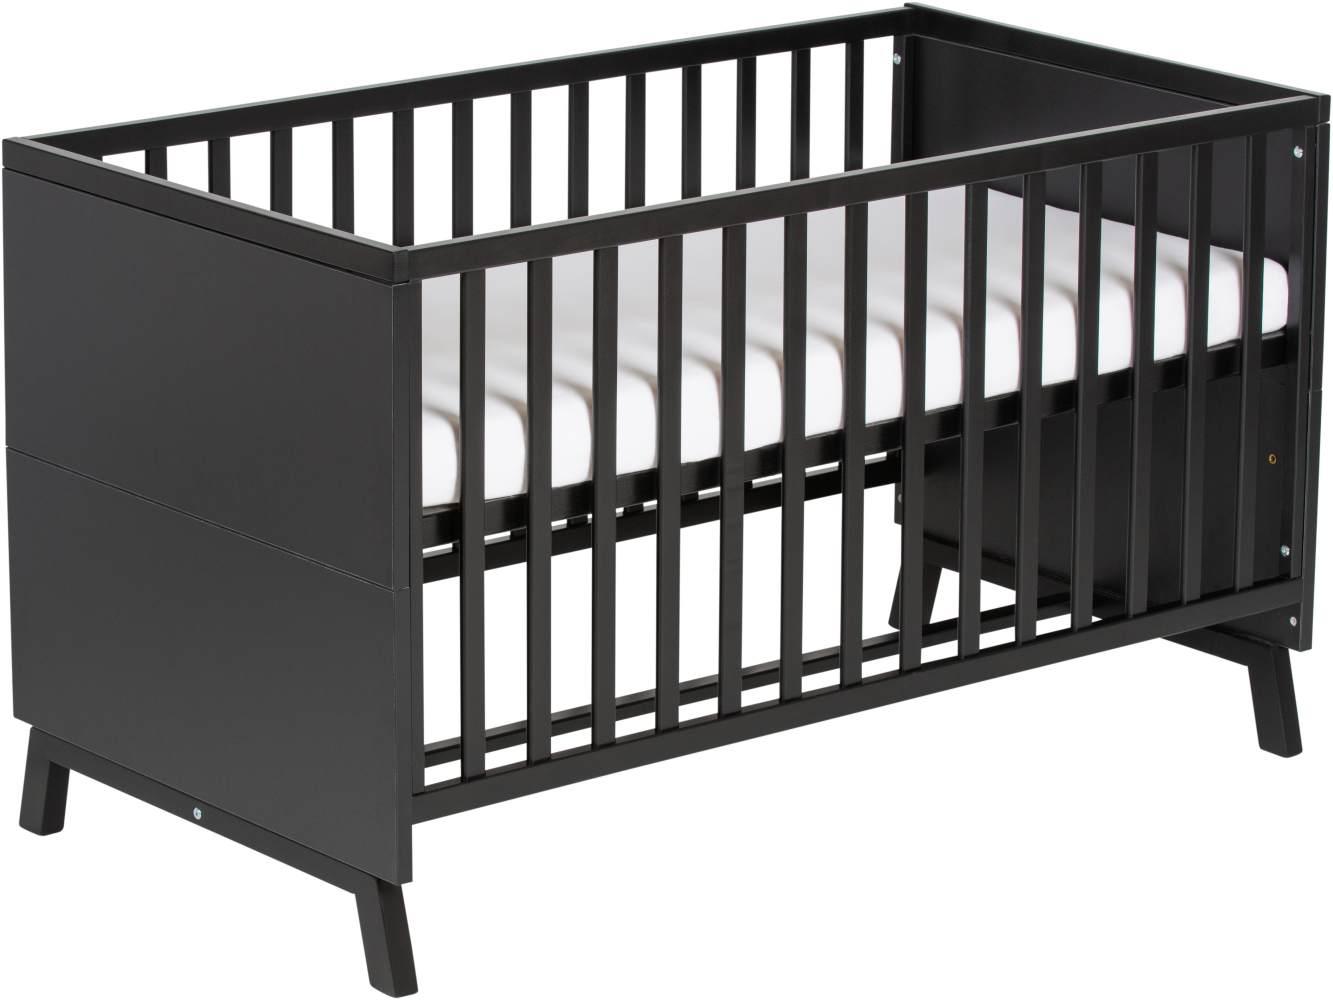 Schardt 'Miami Black' Kombi-Kinderbett 70x140 cm, schwarz, 3-fach höhenverstellbar, 3 Schlupfsprossen Bild 1